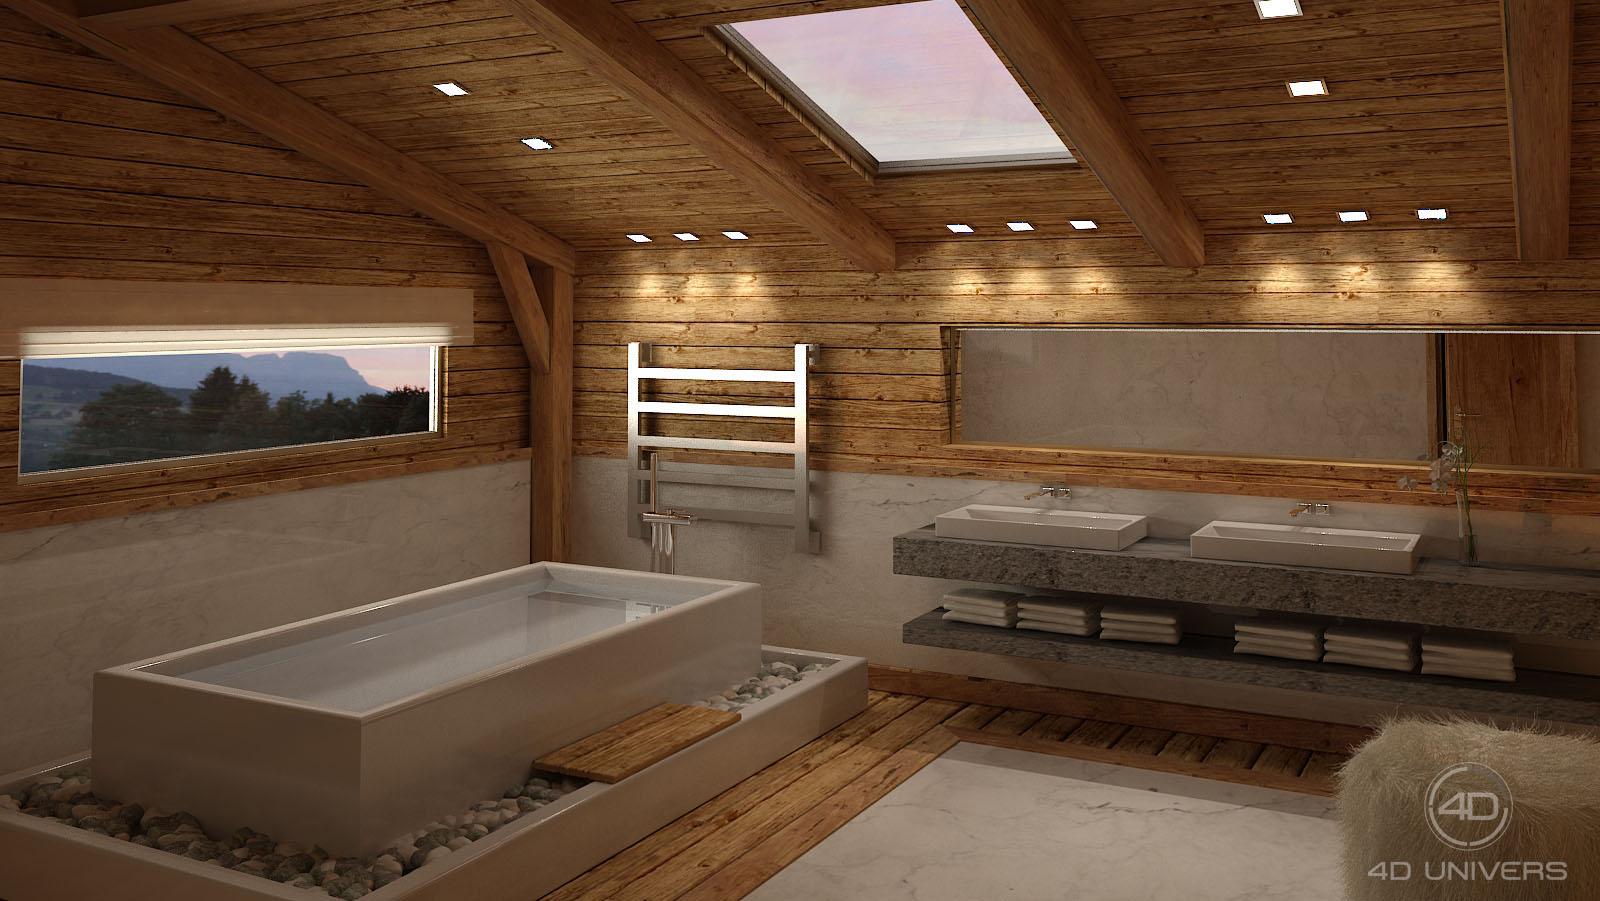 Aménagement Intérieur Salle Bain perspective 3d et décoration d'intérieur en image de